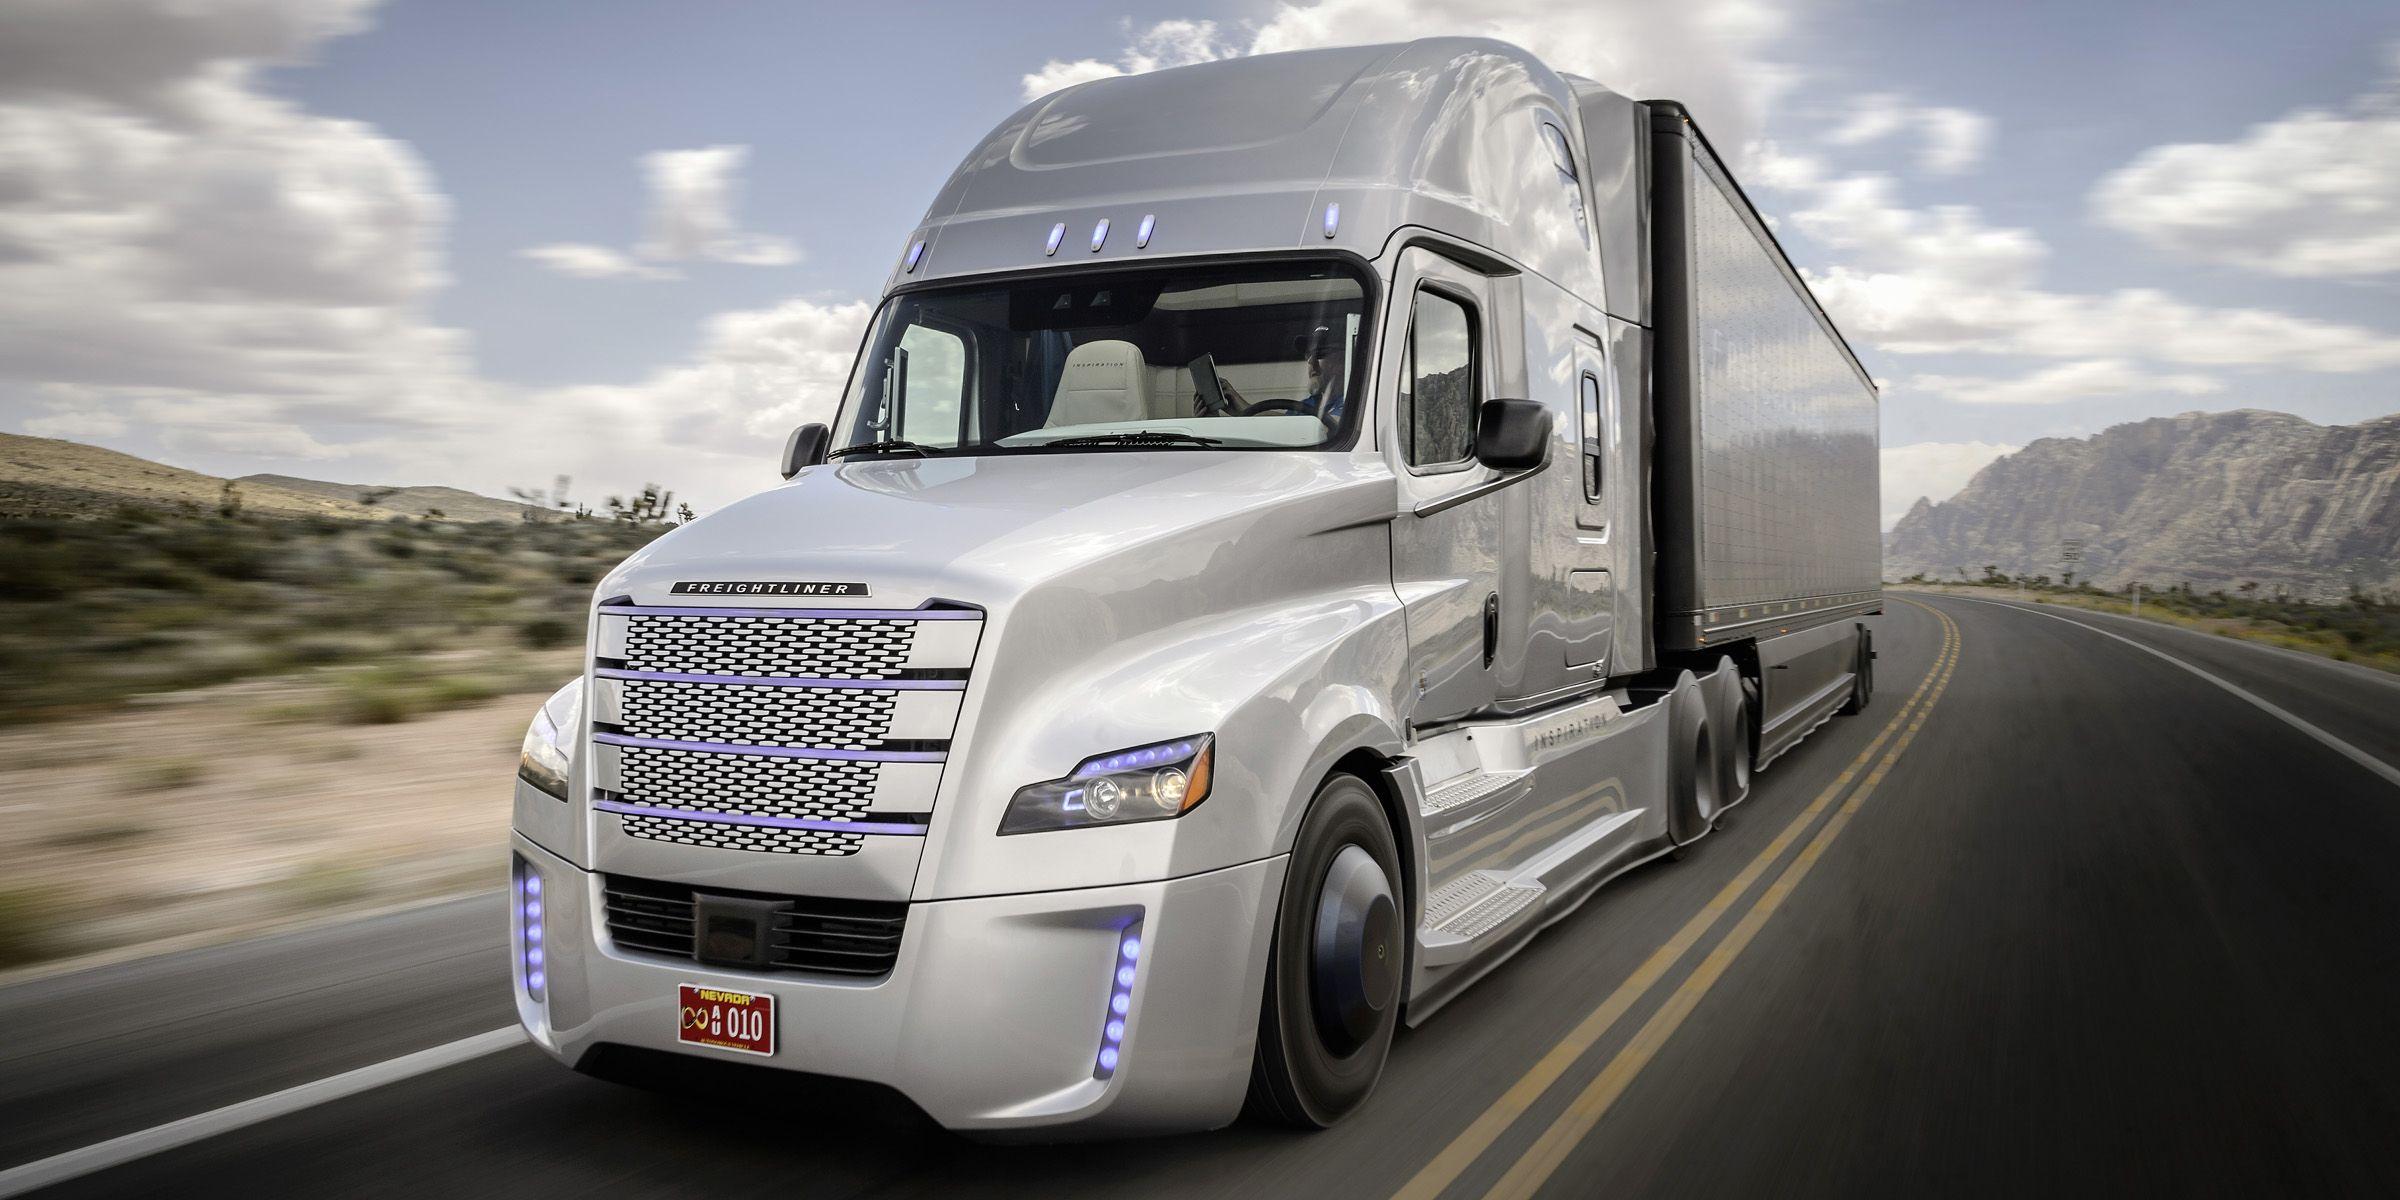 Freightliner&#x3B; Daimler Trucks&#x3B; Daimler&#x3B; Daimler Trucks North America&#x3B; DTNA&#x3B; autonomous driving&#x3B; autonomous&#x3B; autonomous vehicle&#x3B; licensed&#x3B; street legal&#x3B; autonomes Fahren&#x3B; autonom&#x3B; zugelassen&#x3B; Nevada&#x3B; Las Vegas&#x3B; USA&#x3B; Inspiration Truck&#x3B; Inspiration